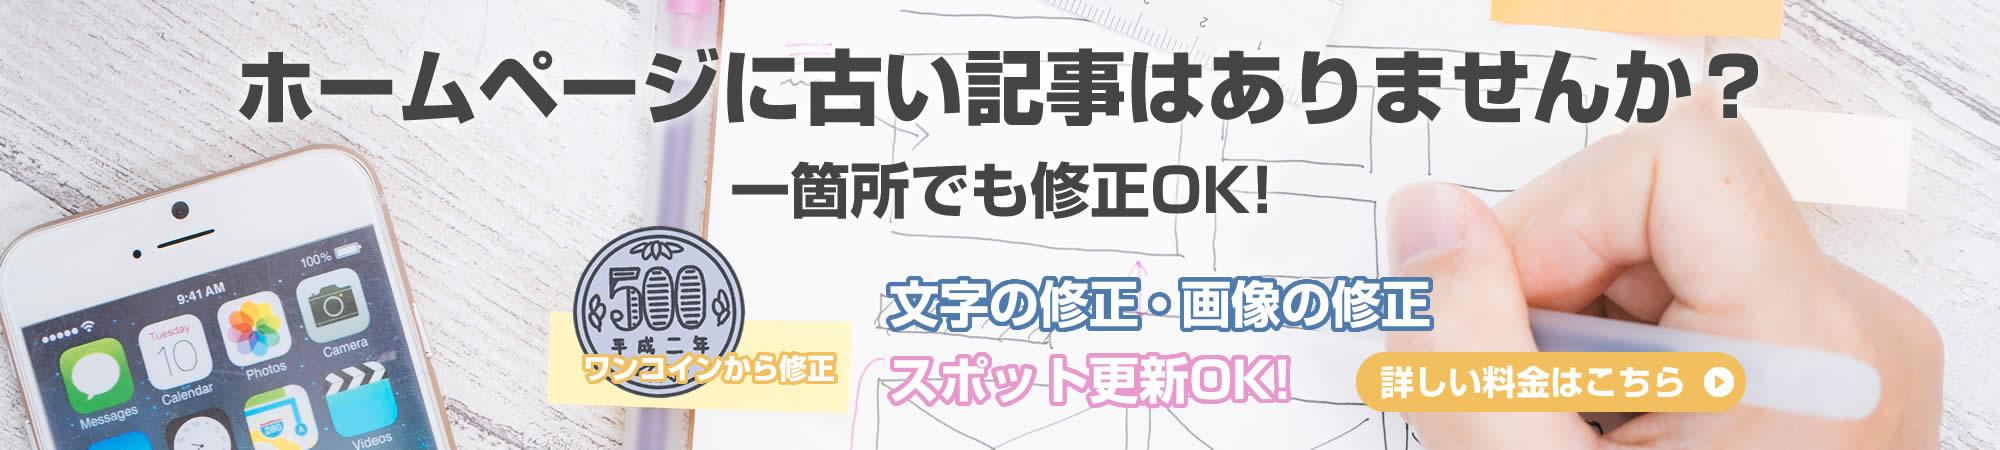 長崎でホームページ更新をしたいなら「低料金でホームページ更新します。」へ